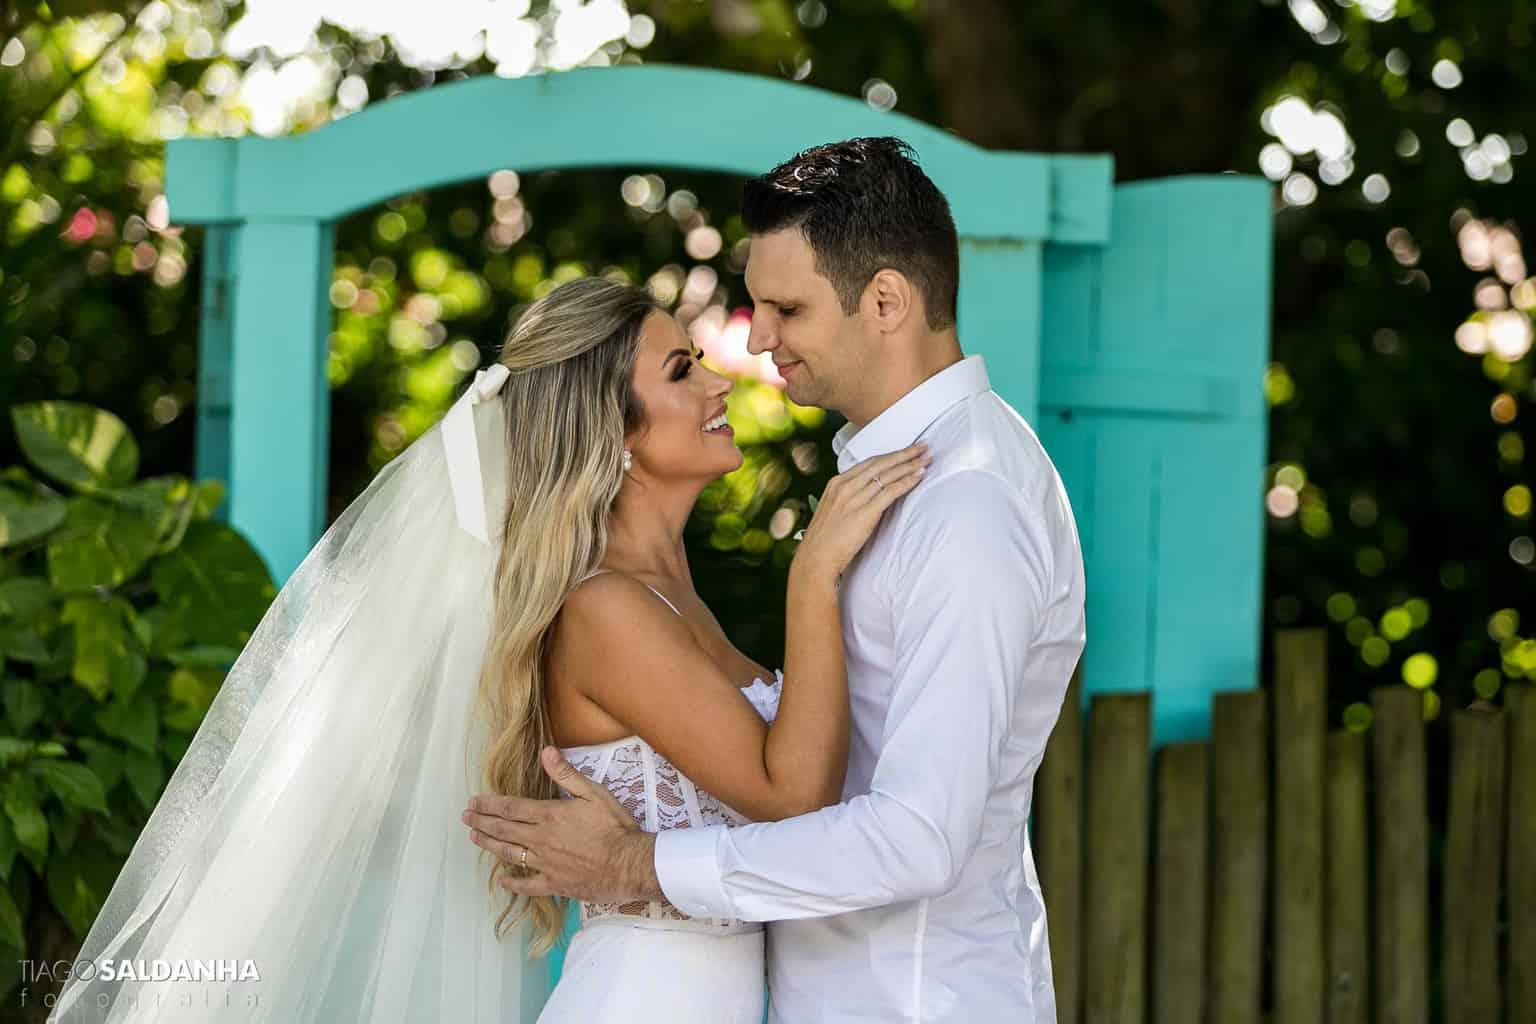 Casamento-Chandrélin-e-Laureano-cerimonia-na-igreja-Chan-e-Lau-foto-do-casal-Igreja-do-Quadrado-Trancoso7